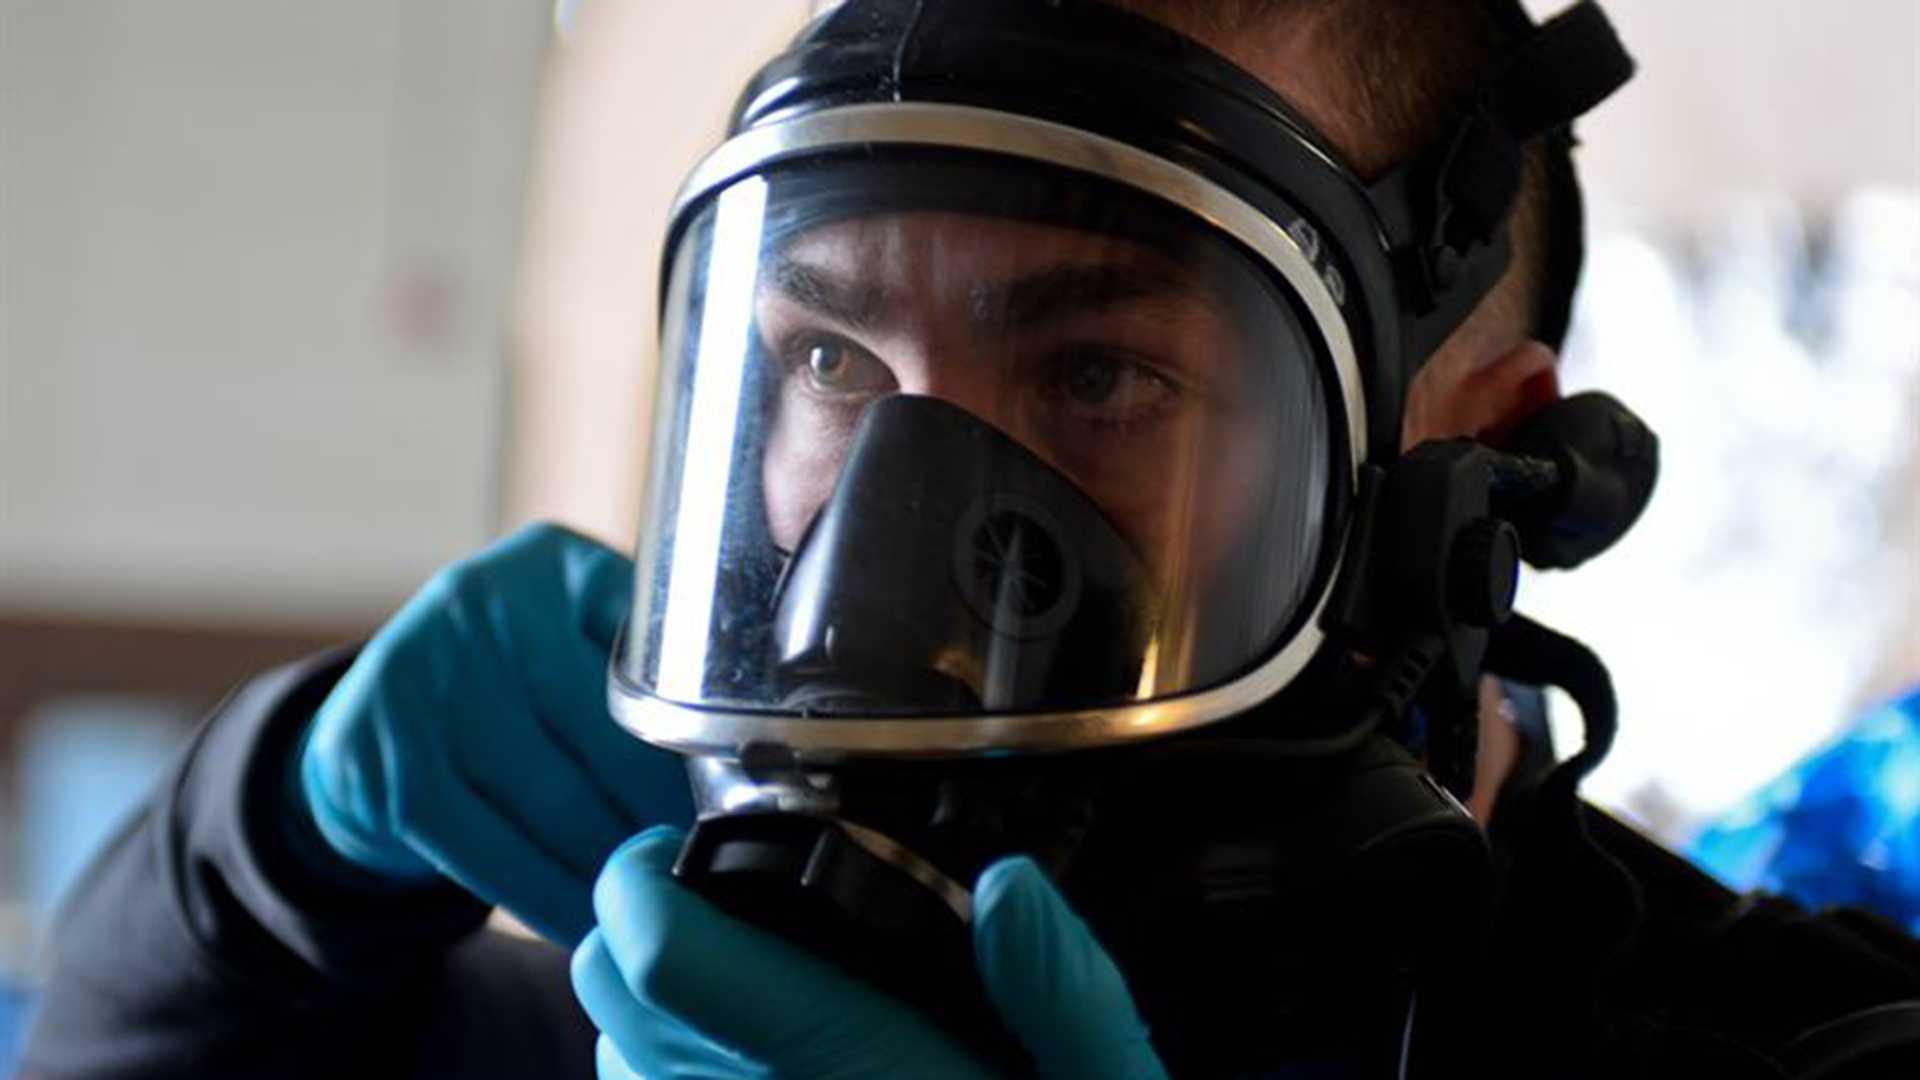 Vlaamse bedrijven vervolgd voor export van chemische producten naar Syrië